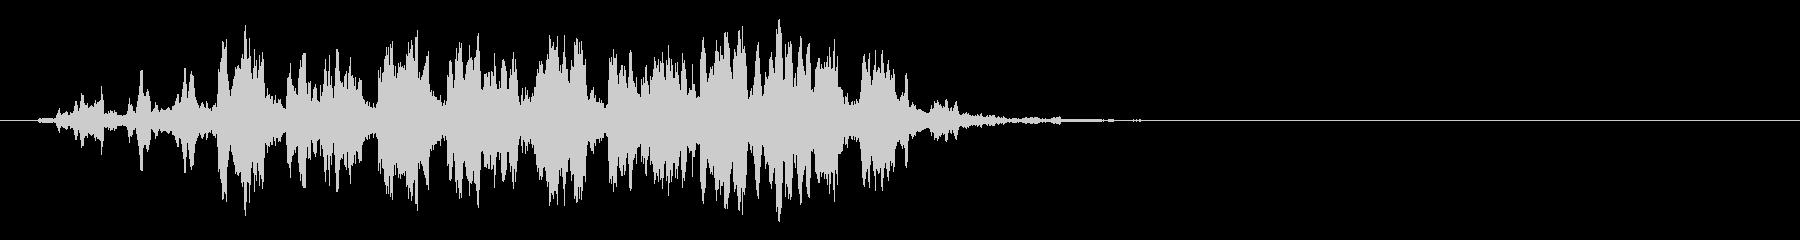 不思議な電子音のサウンドロゴの未再生の波形